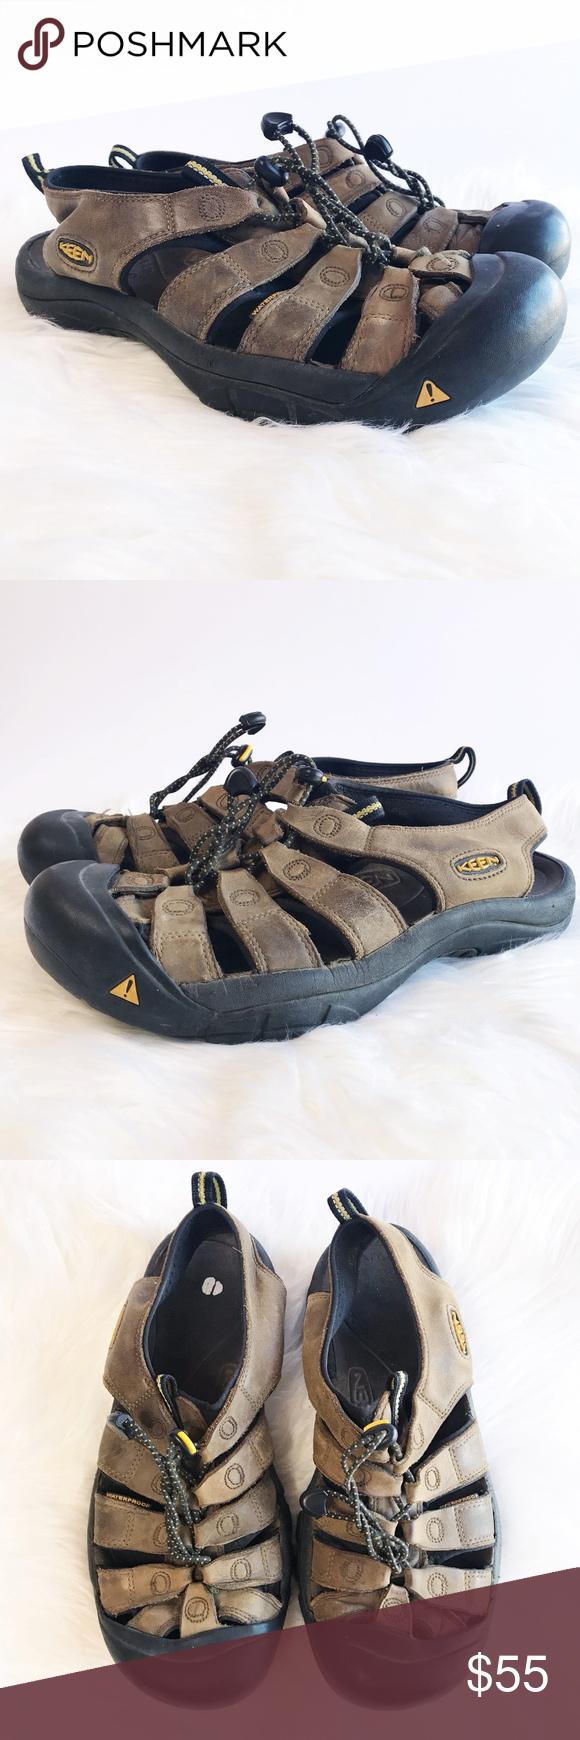 f2f234bc2fc5 Keen Mens Newport Sandals Brown Leather Waterproof Men s Keen Newport Brown Leather  Sandals - Hiking